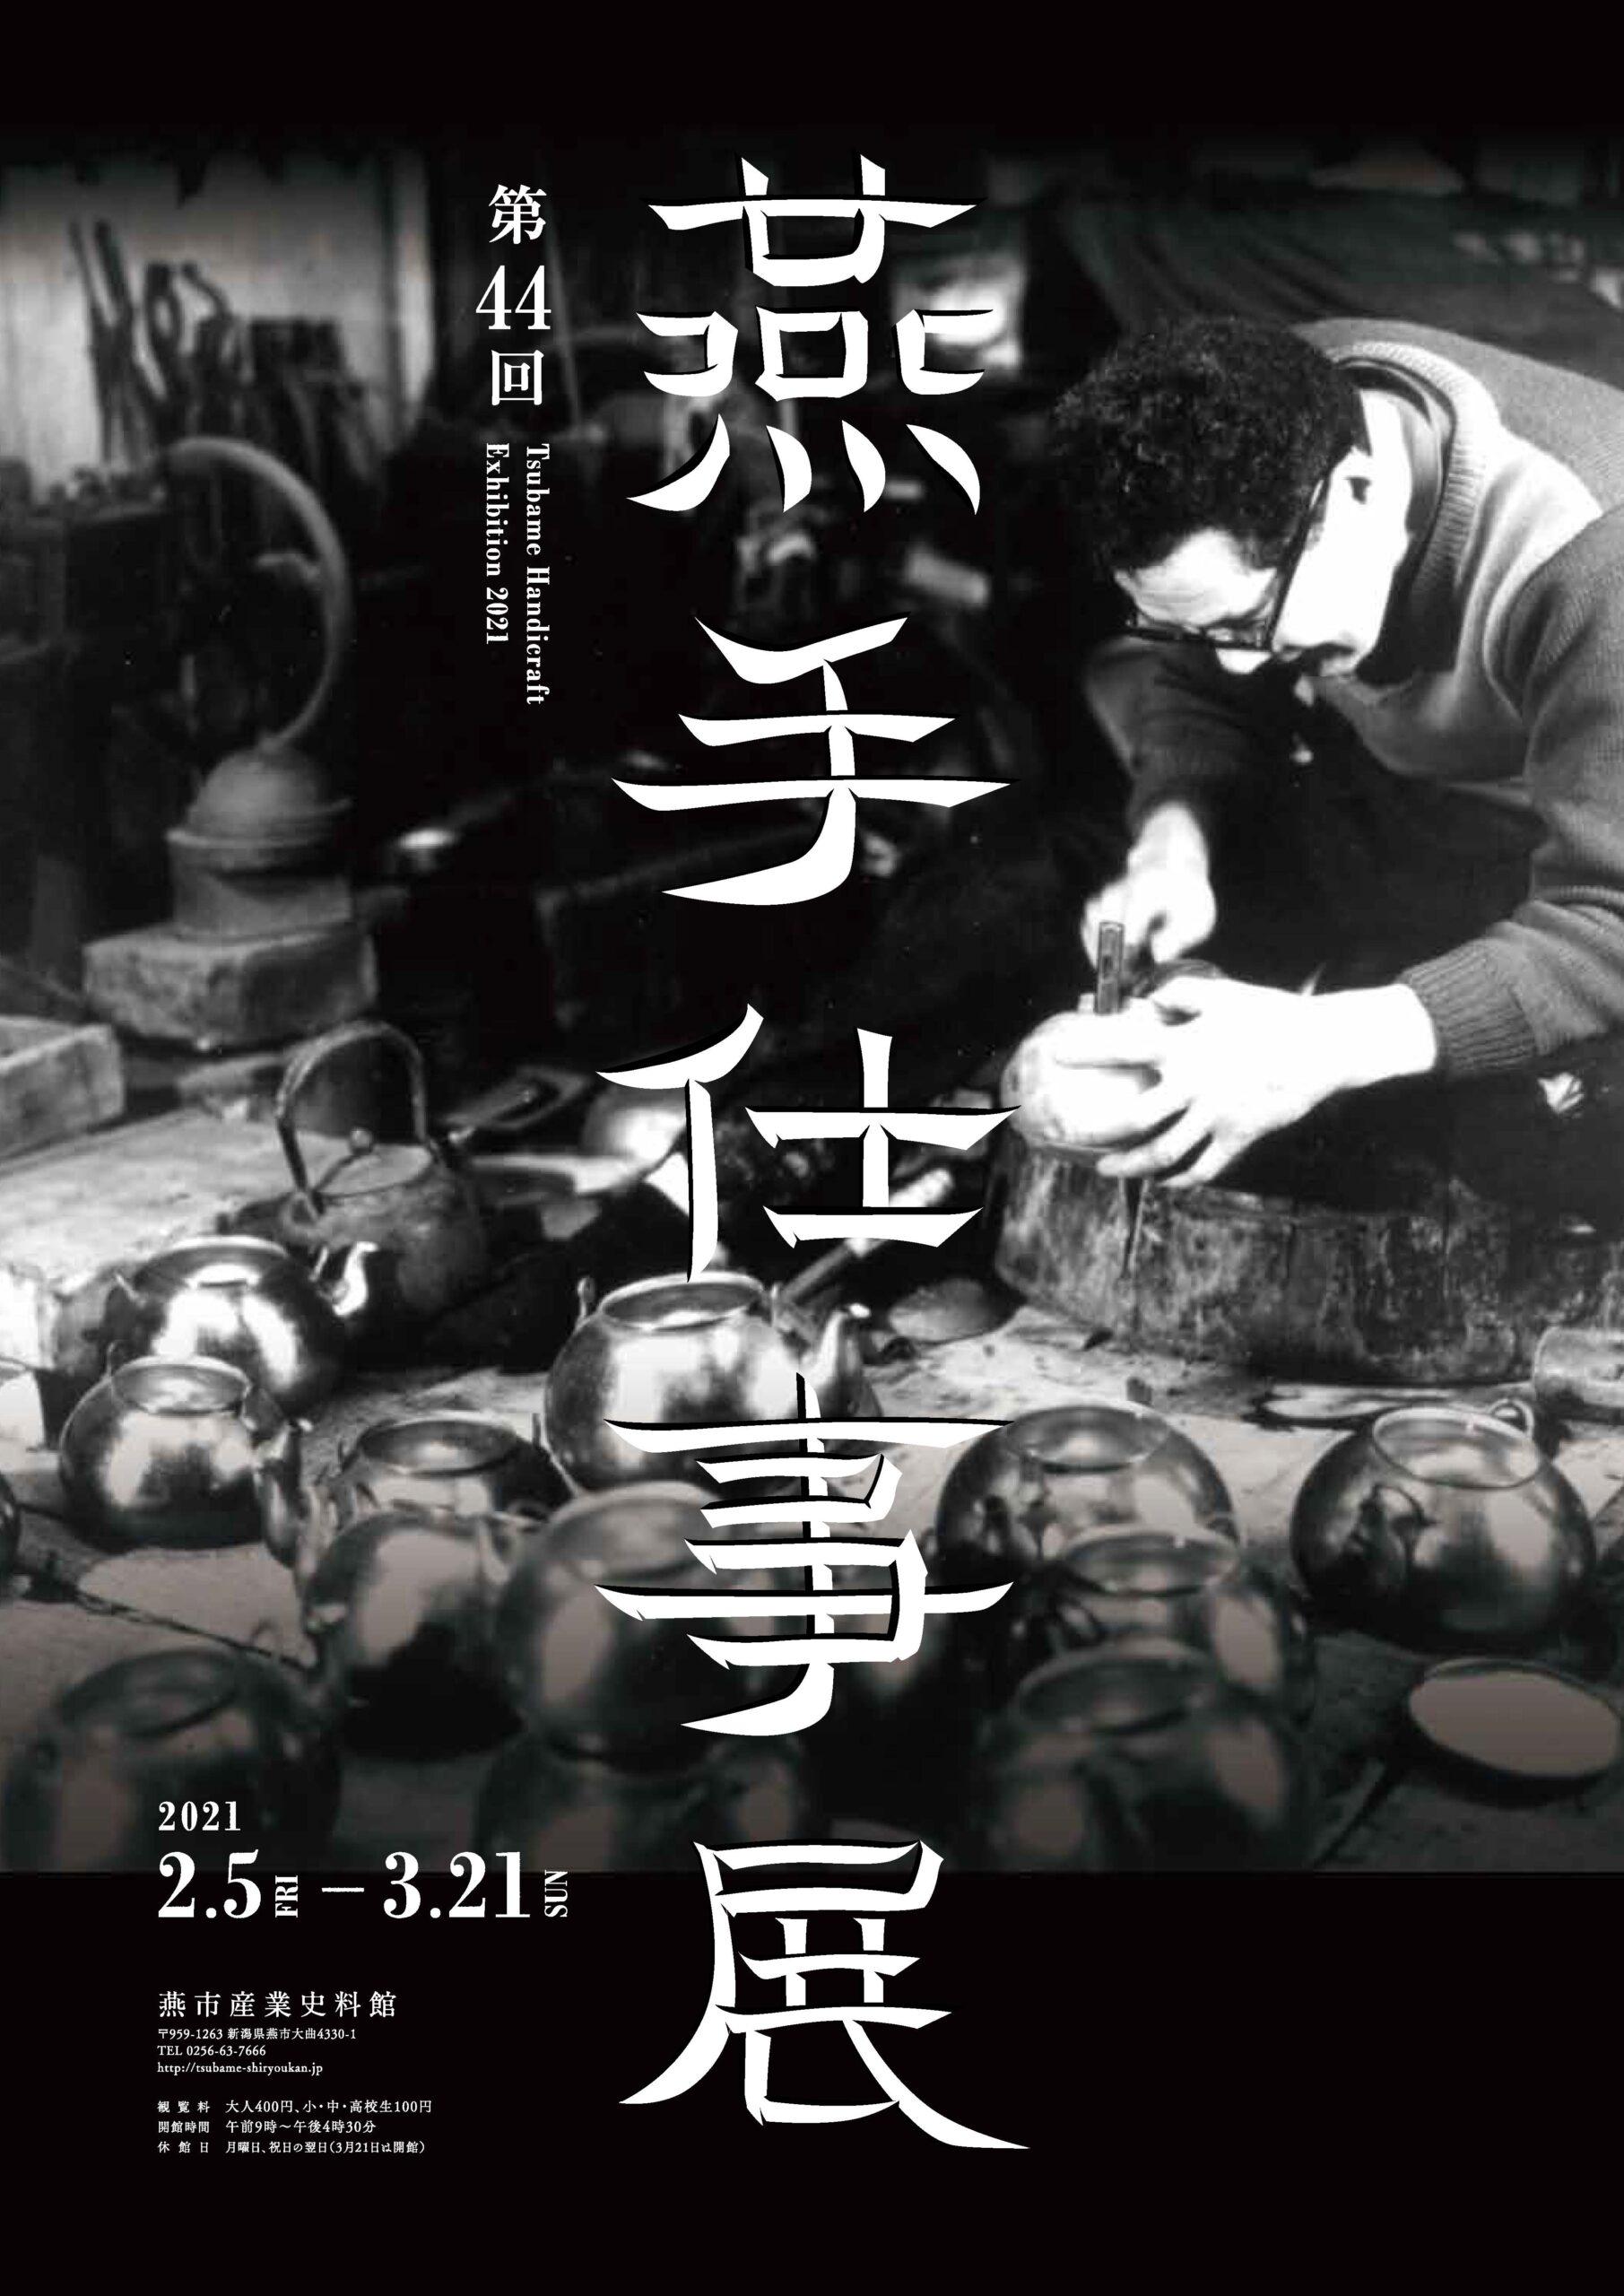 燕市産業史料館で2月5日(金)より開催される【燕手仕事展】のポスター・チラシをデザイン、印刷させて頂きました。